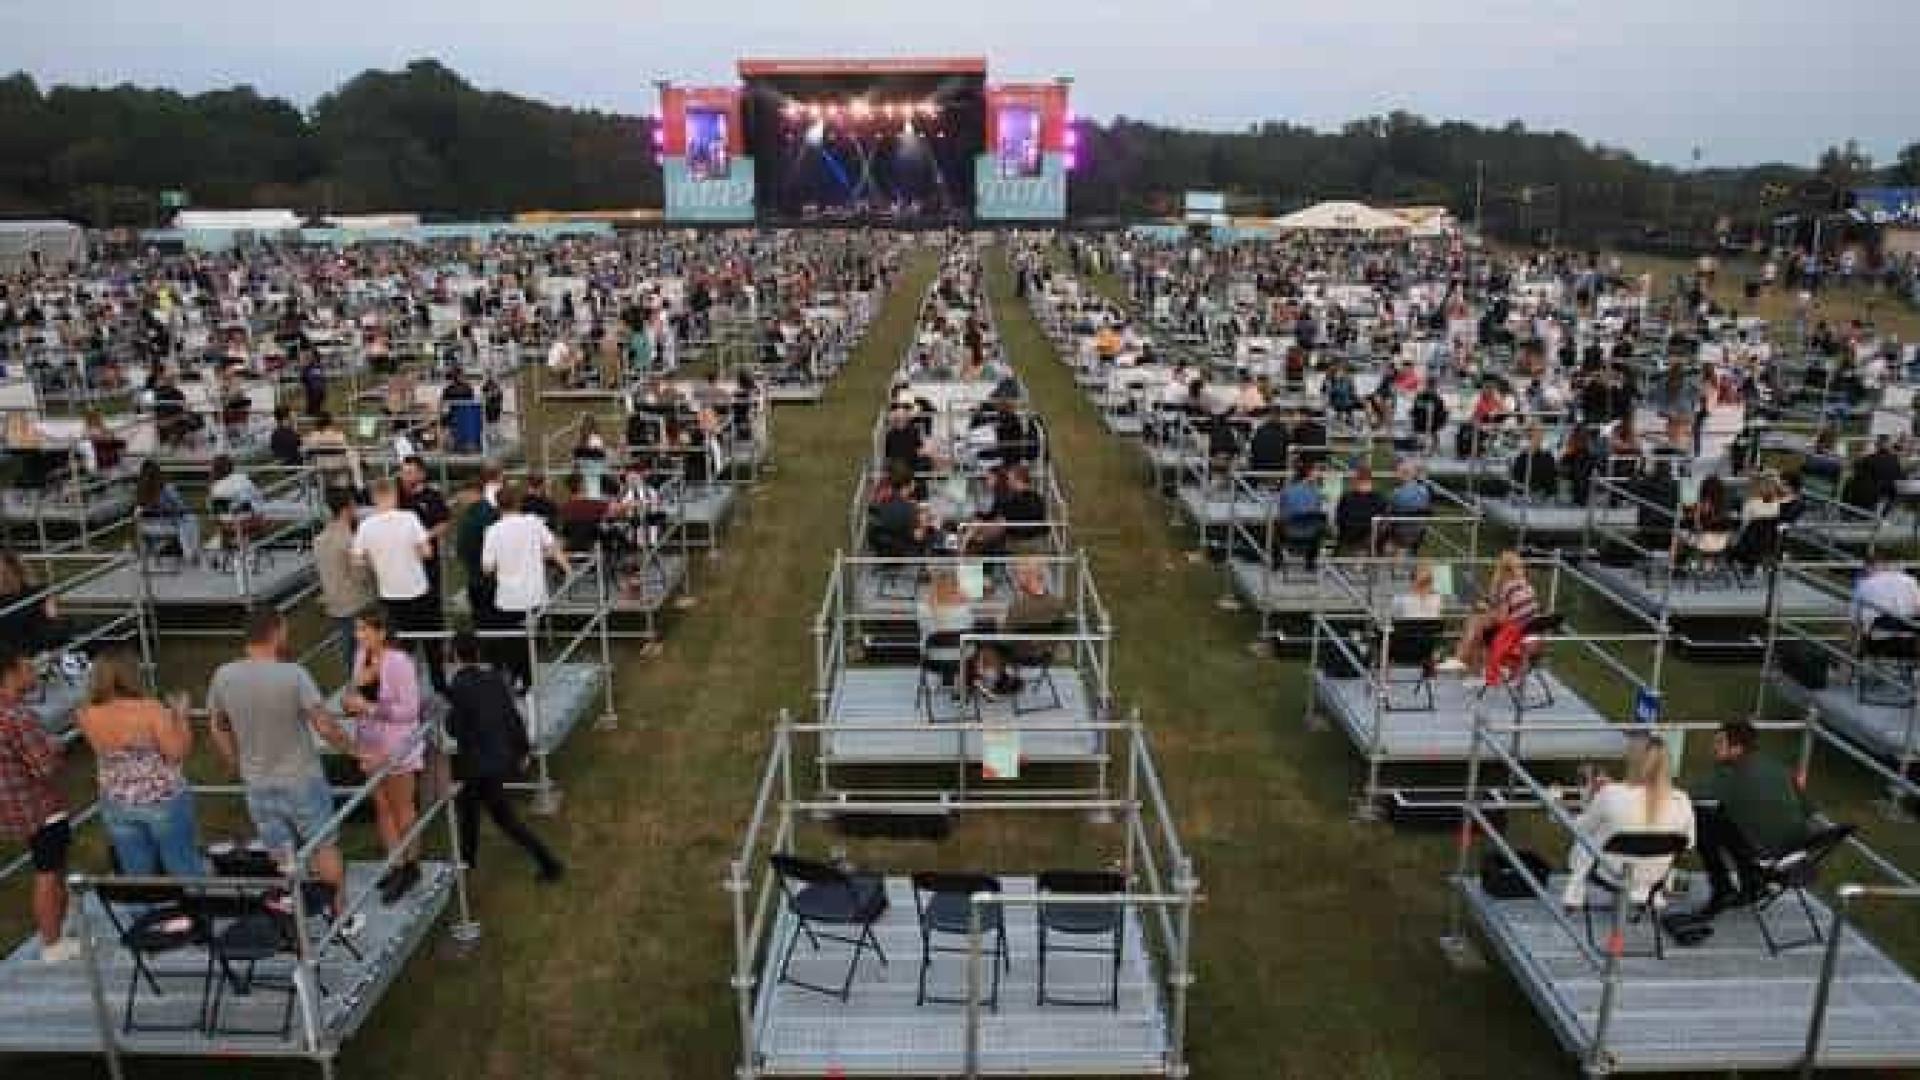 Reino Unido recebe o 1º concerto em arena com distanciamento social